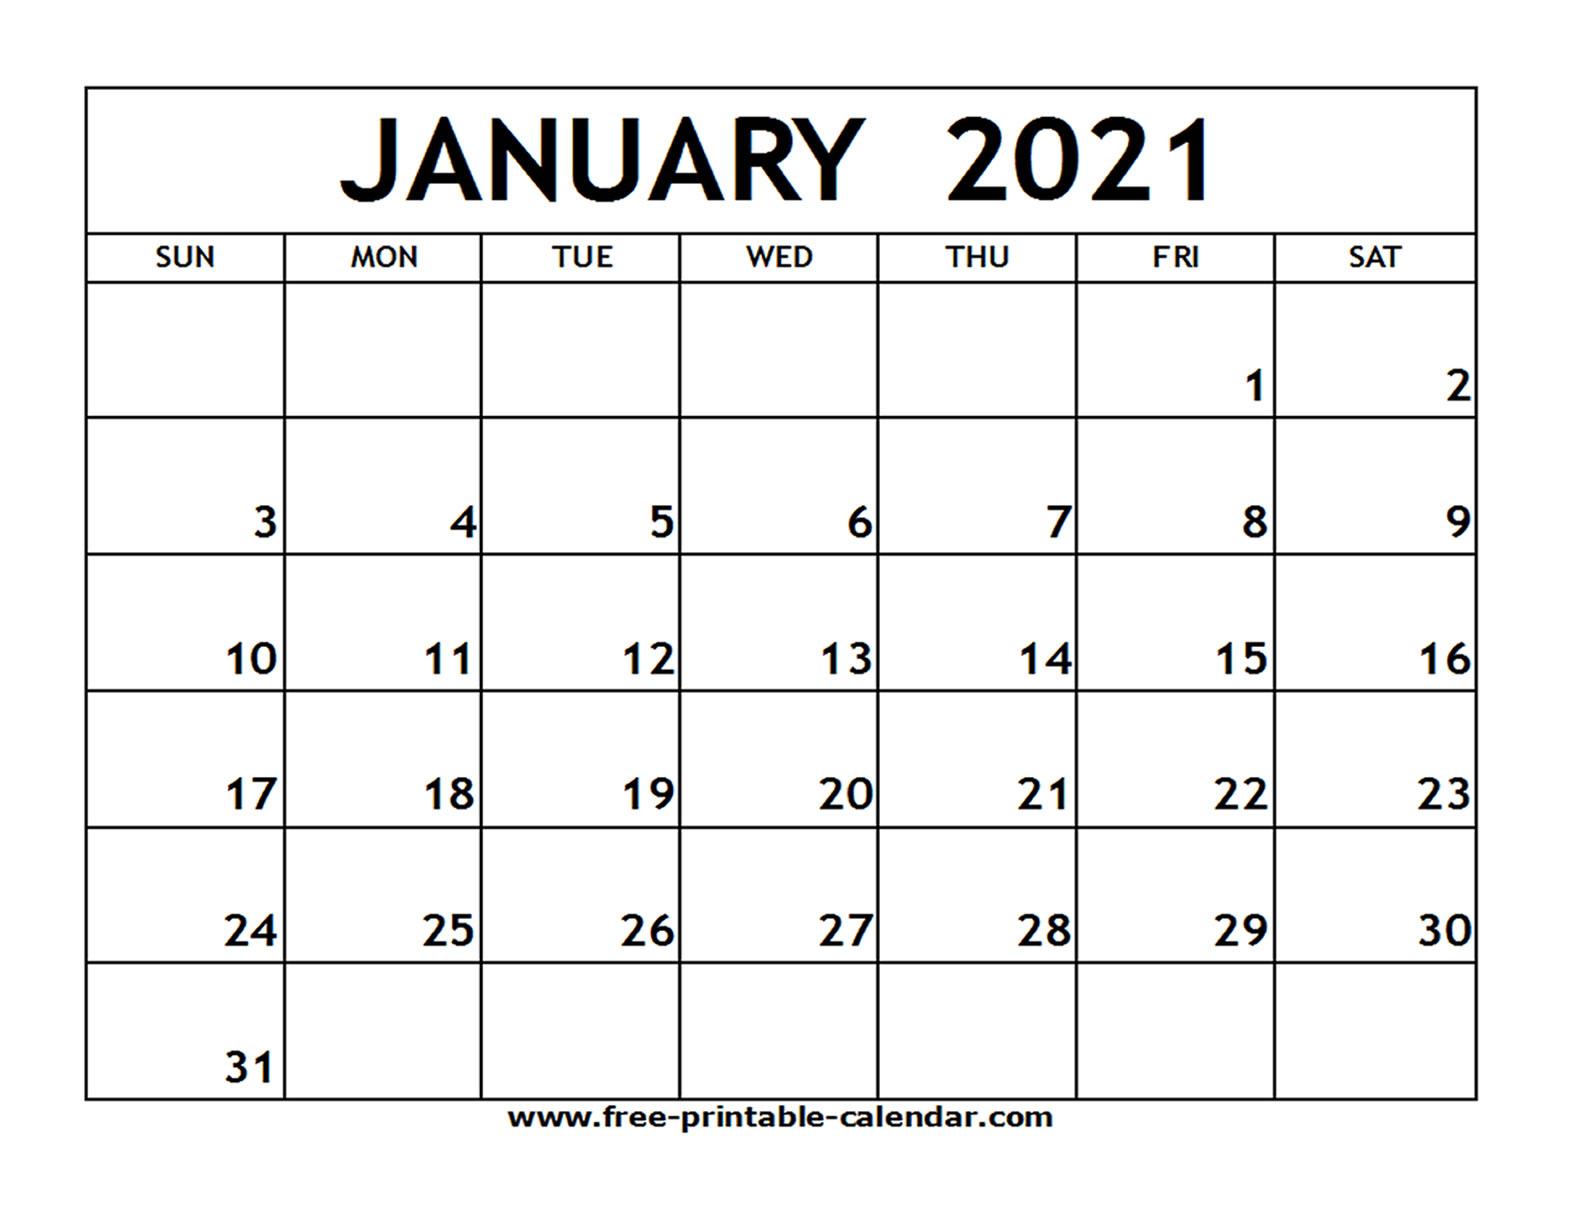 January 2021 Printable Calendar - Free-Printable-Calendar with regard to Printable Calendar 2021 And Fill On